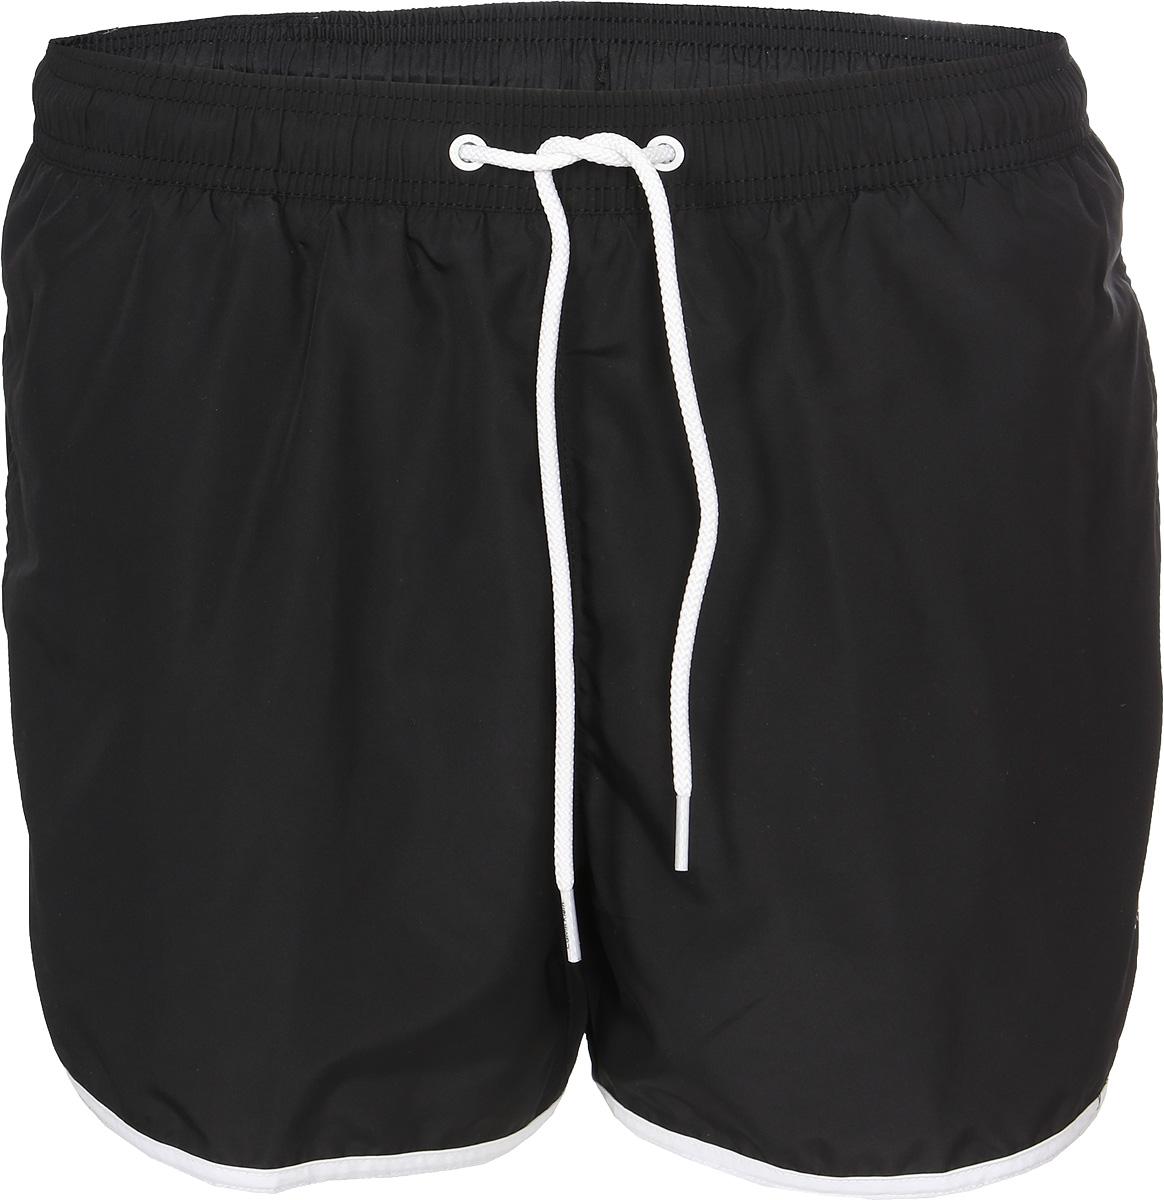 Шорты купальные мужские Calvin Klein Underwear, цвет: черный. KM0KM00136_001. Размер S (48)KM0KM00136_001Мужские шорты для плавания Calvin Klein Underwear выполнены из мягкого полиэстера с сетчатой подкладкой. Удобная посадка и широкий пояс на резинке, дополнительно регулируемый шнурком, обеспечат наибольший комфорт. Модель дополнена двумя боковыми карманами и оформлена принтованным логотипом бренда.